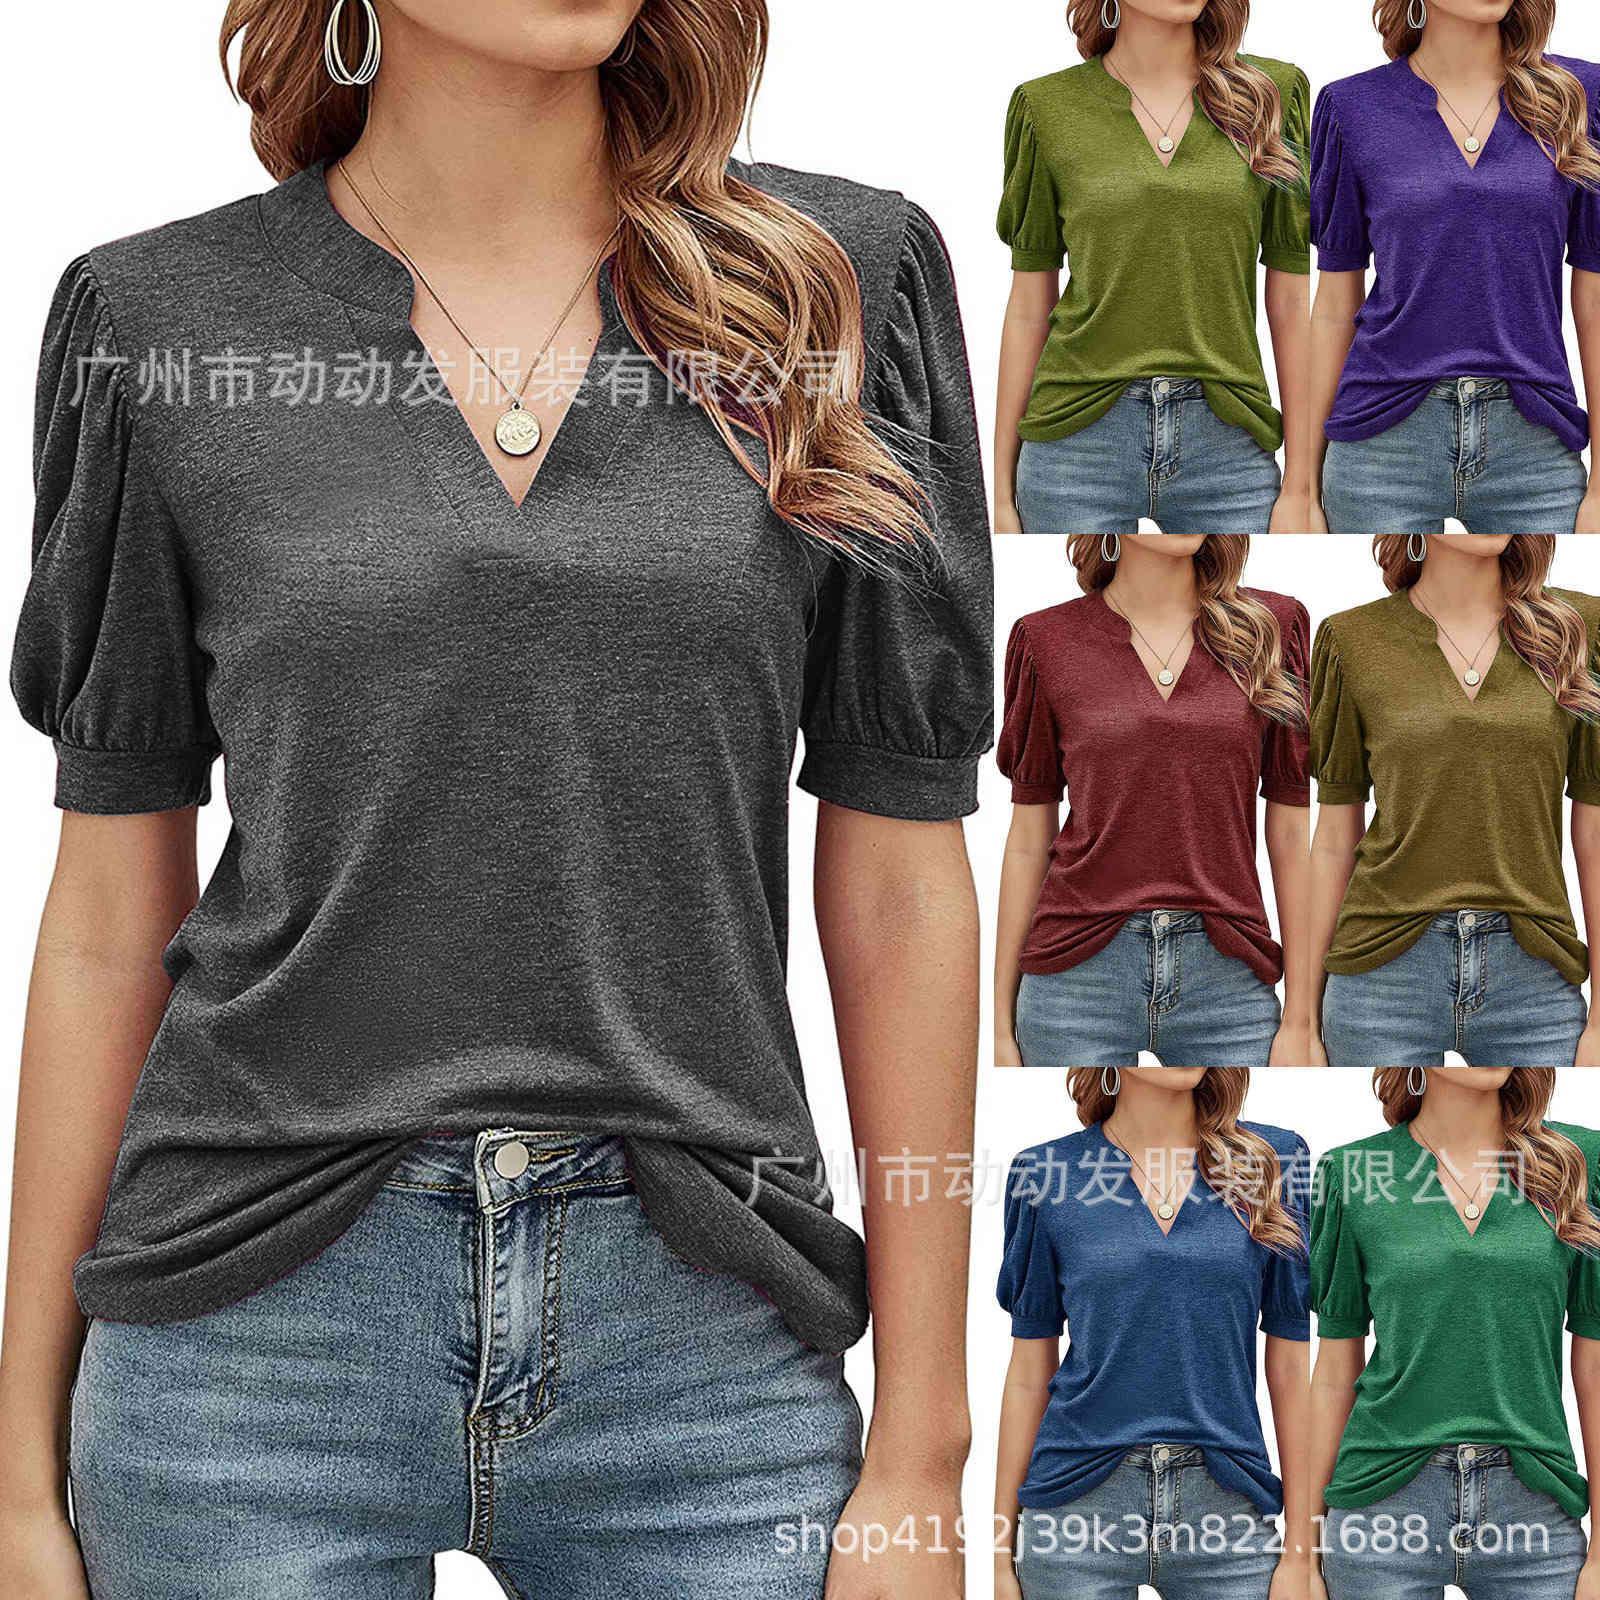 Verão Novo V-Pescoço de Manga Curta T-shirt Casual 2021 Loose Top Cor Sólida Moda Simples Mulheres Wear